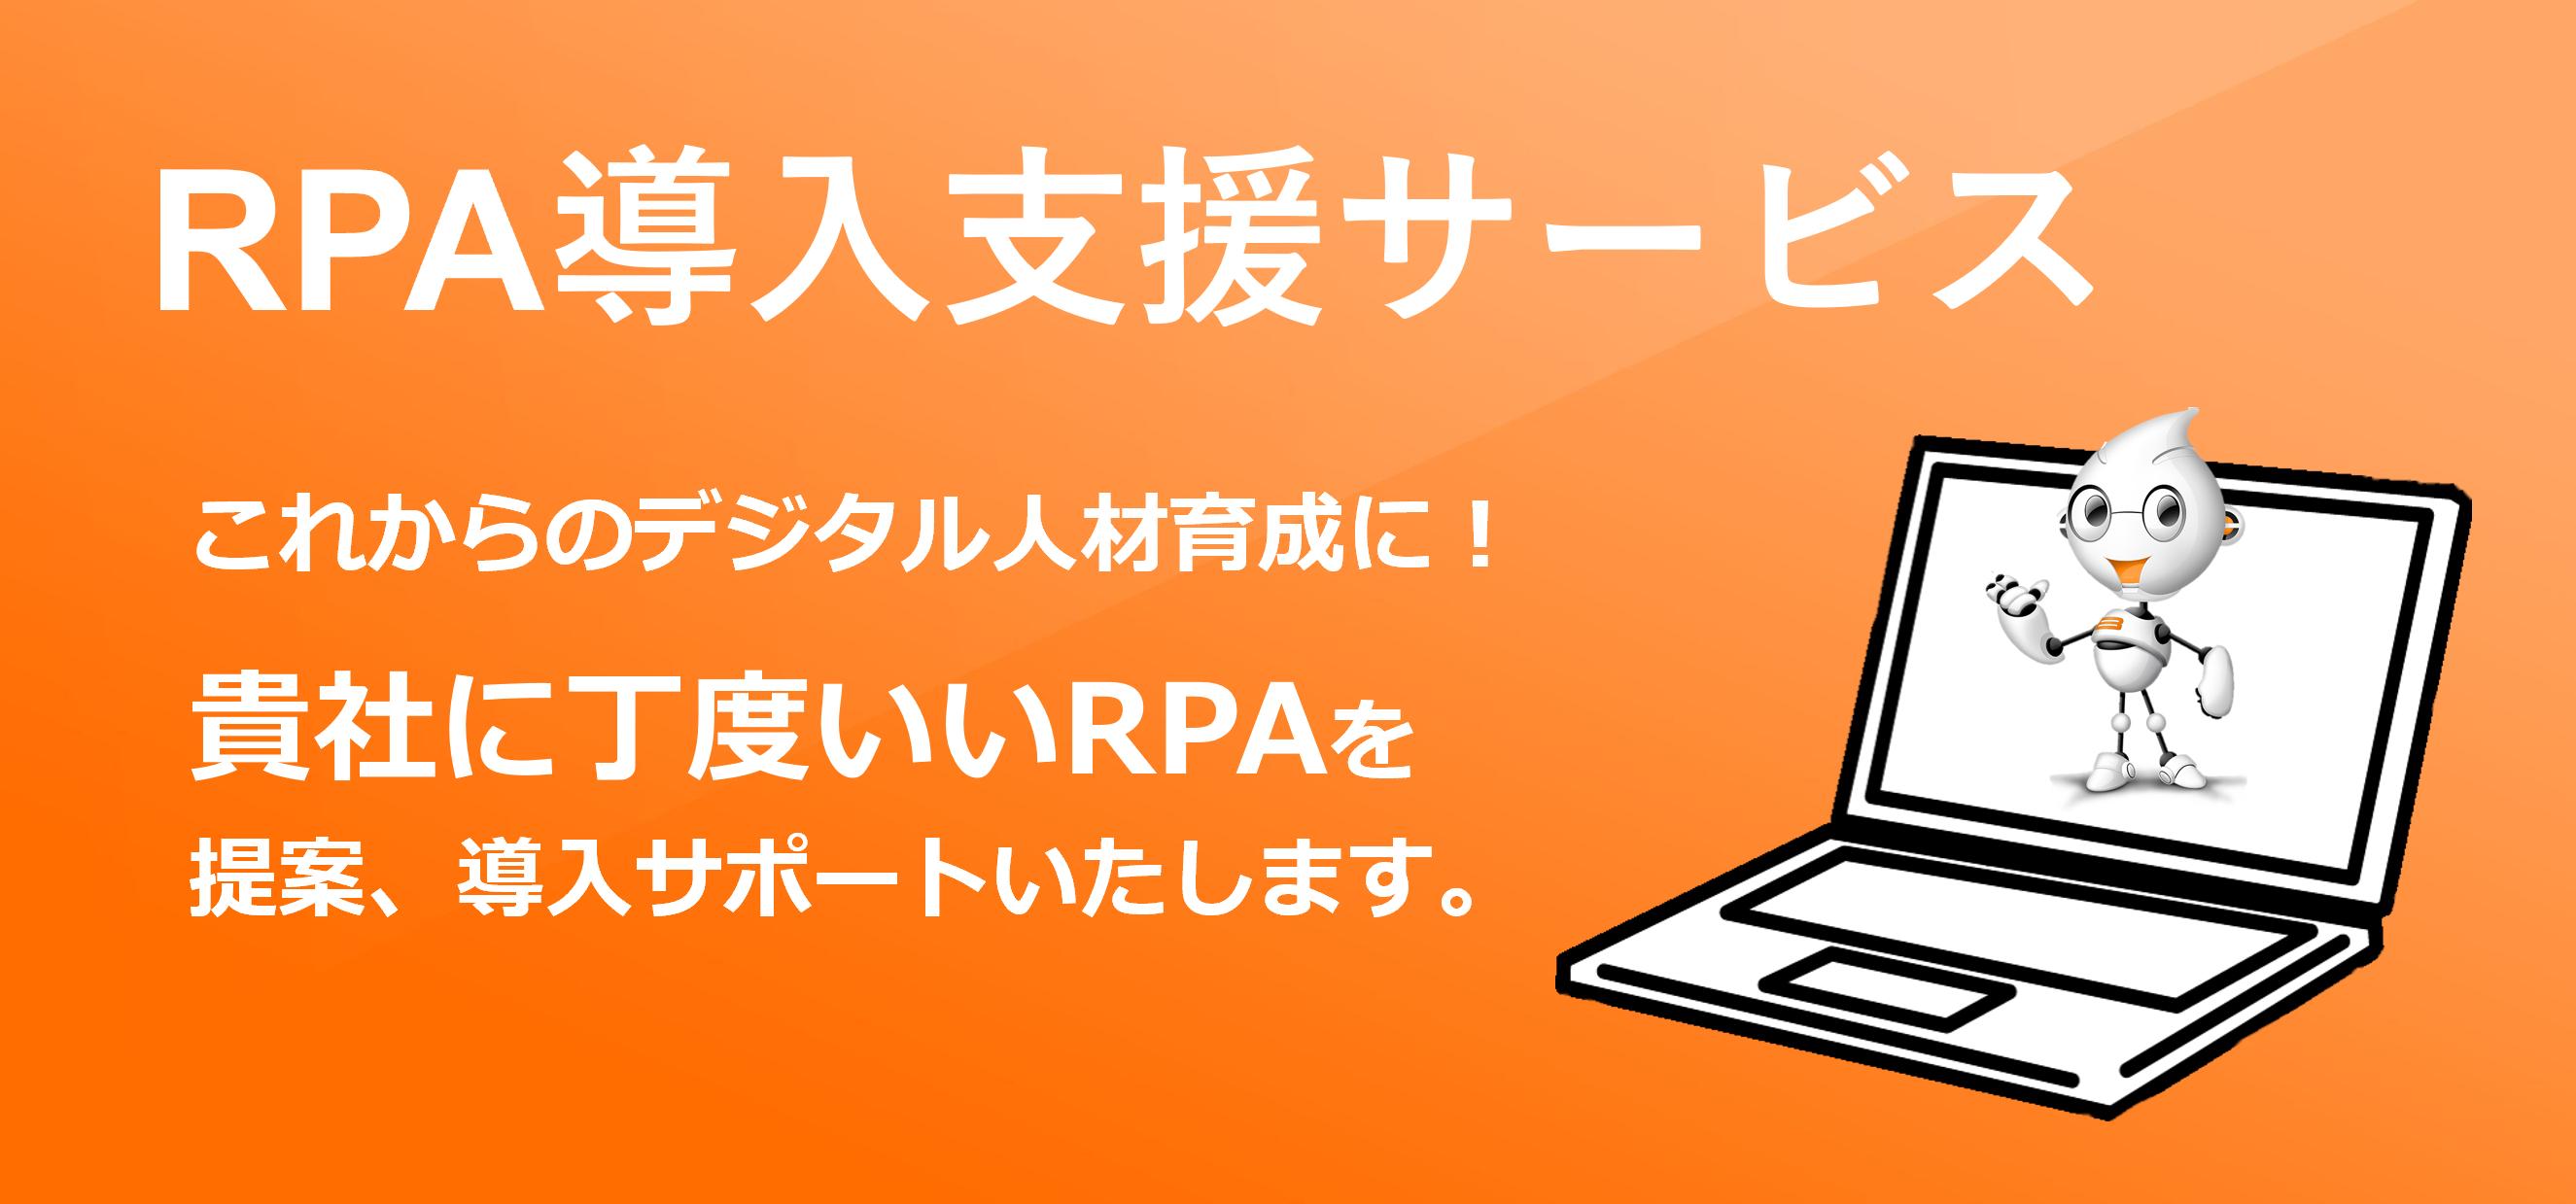 rpa01.png